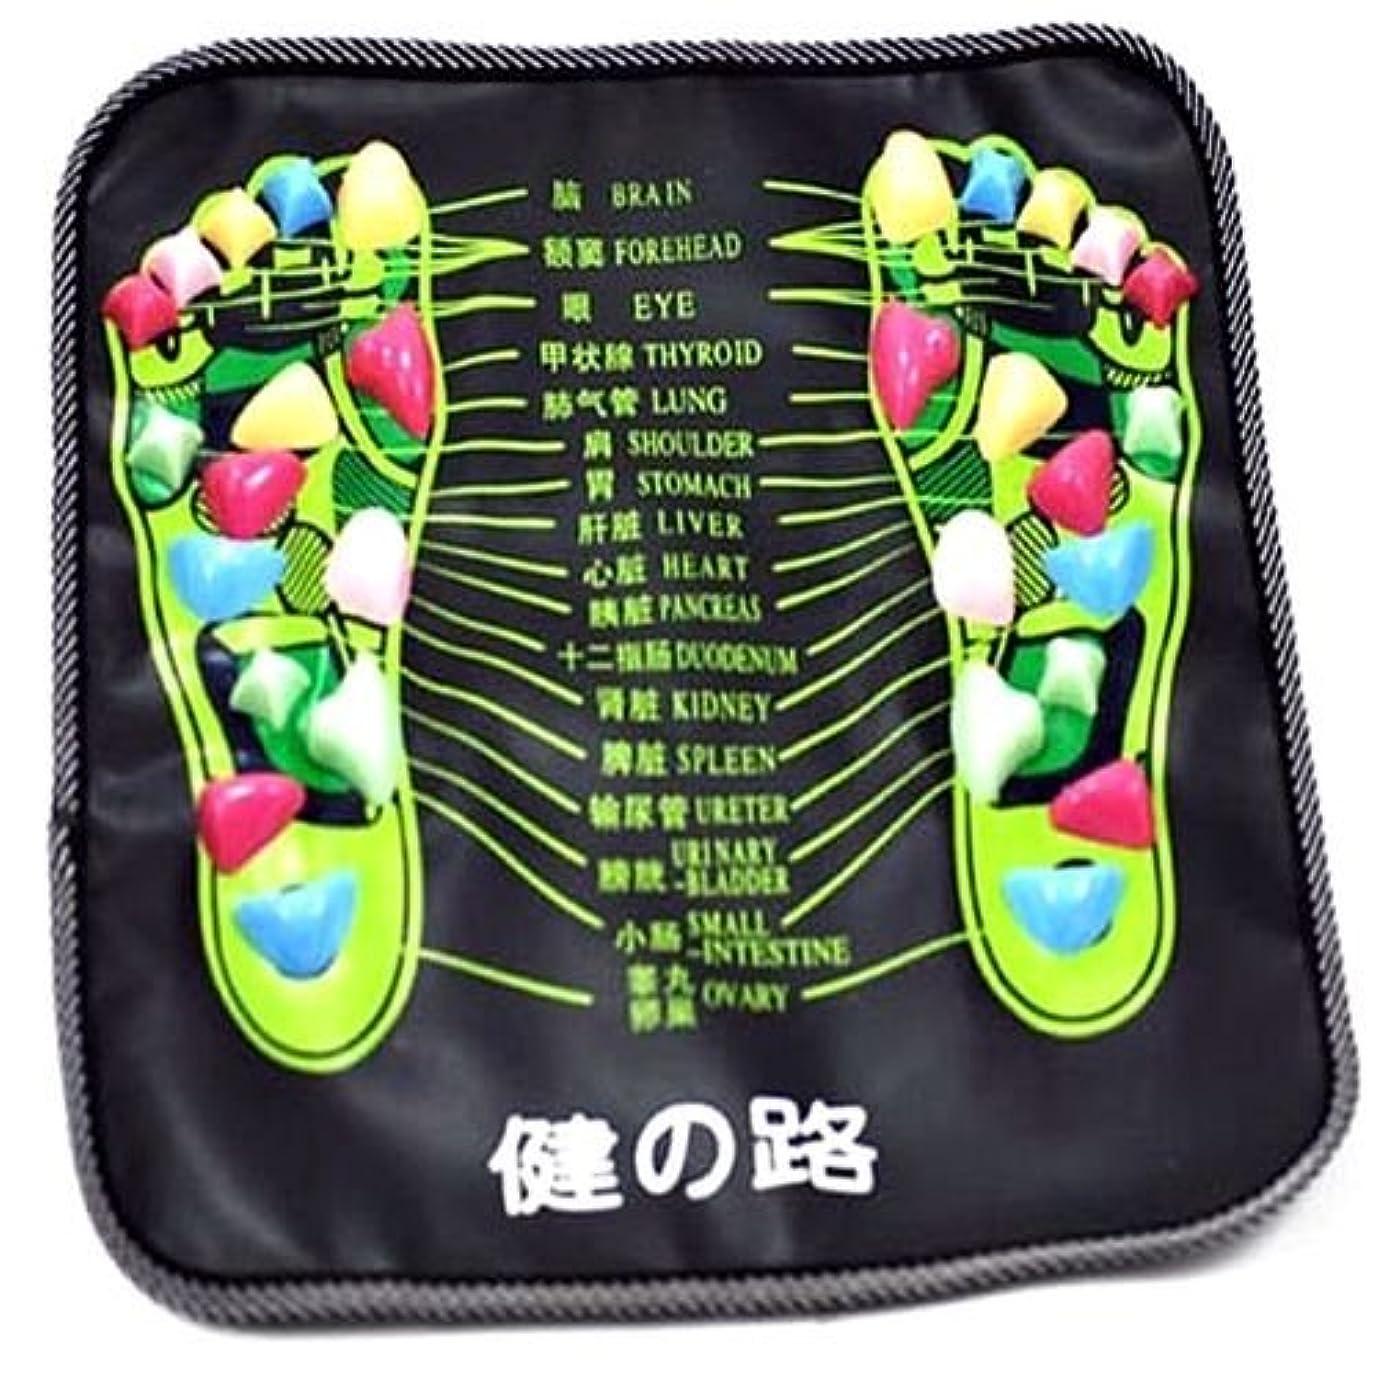 市の花手入れ別にisz-spo 足ツボ マッサージ 健康ボード プラスチック 簡単 収納